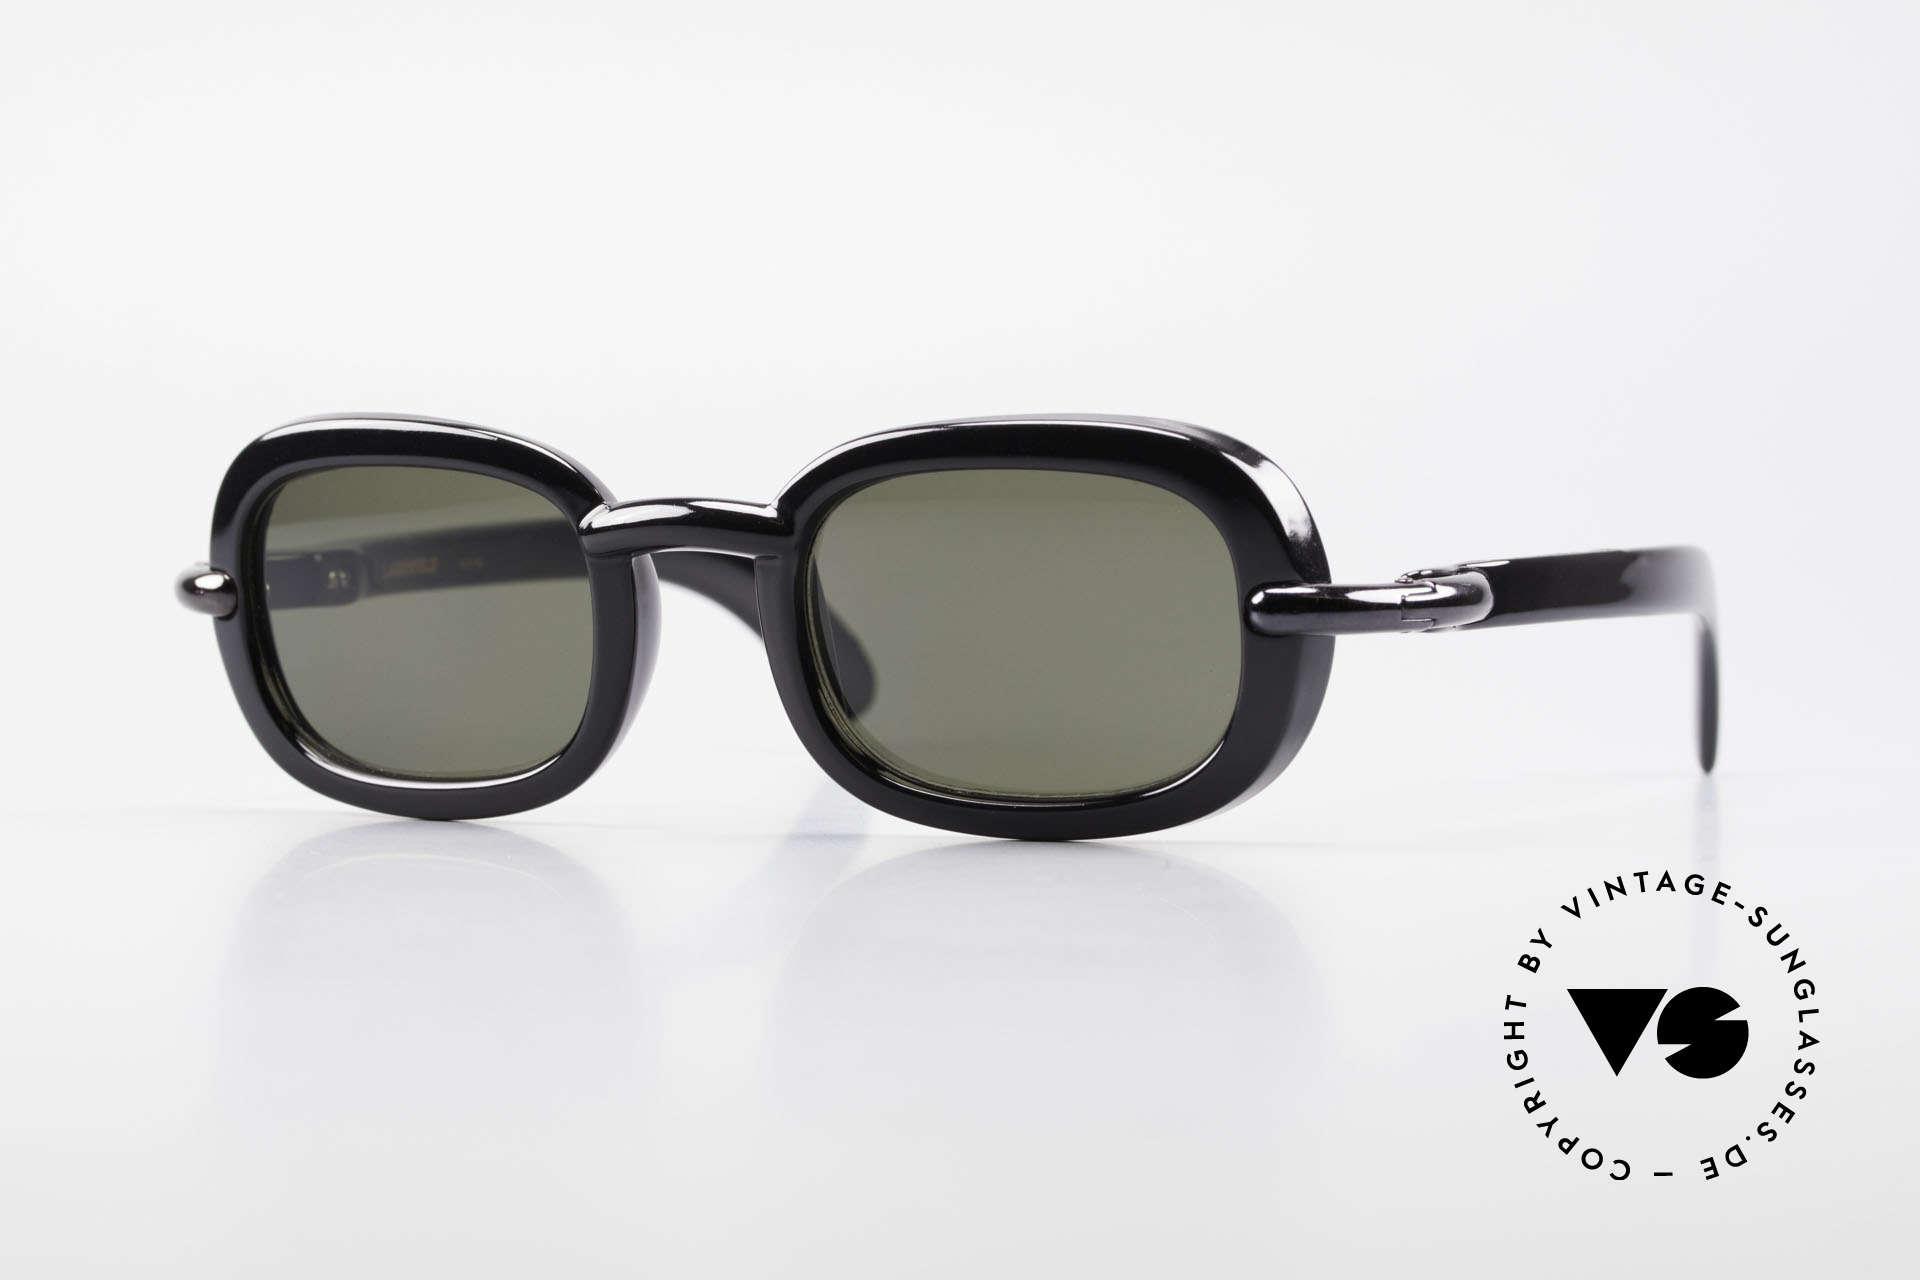 Karl Lagerfeld 4117 Rare 90er Damen Sonnenbrille, echte vintage Designersonnenbrille von Karl Lagerfeld, Passend für Damen